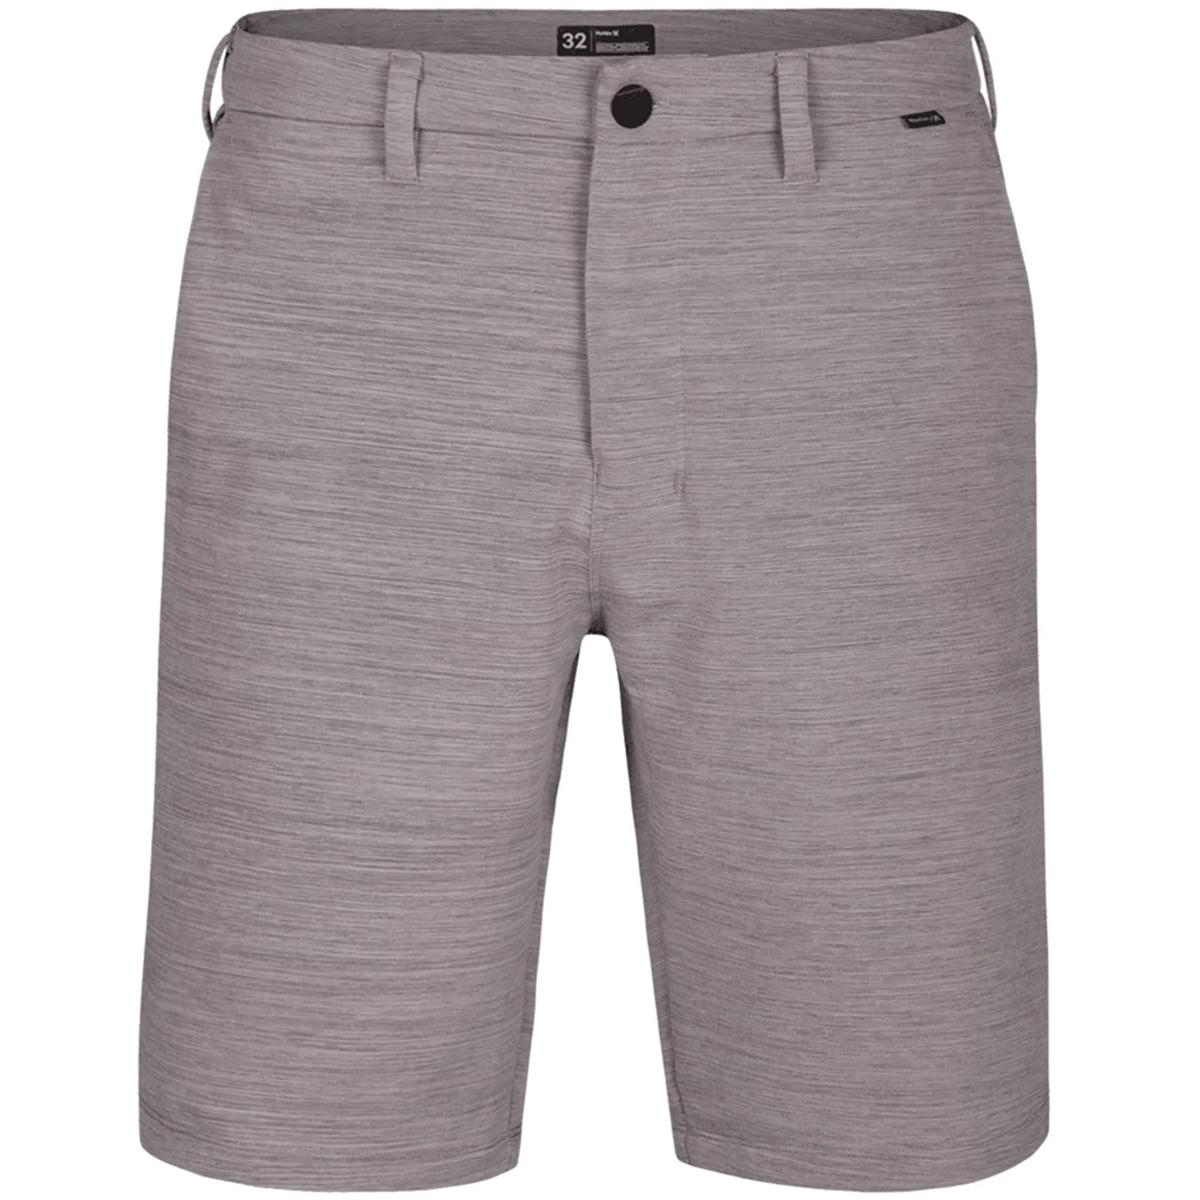 Hurley Young Men's Dri Fit Cut Back Shorts - Black, 38